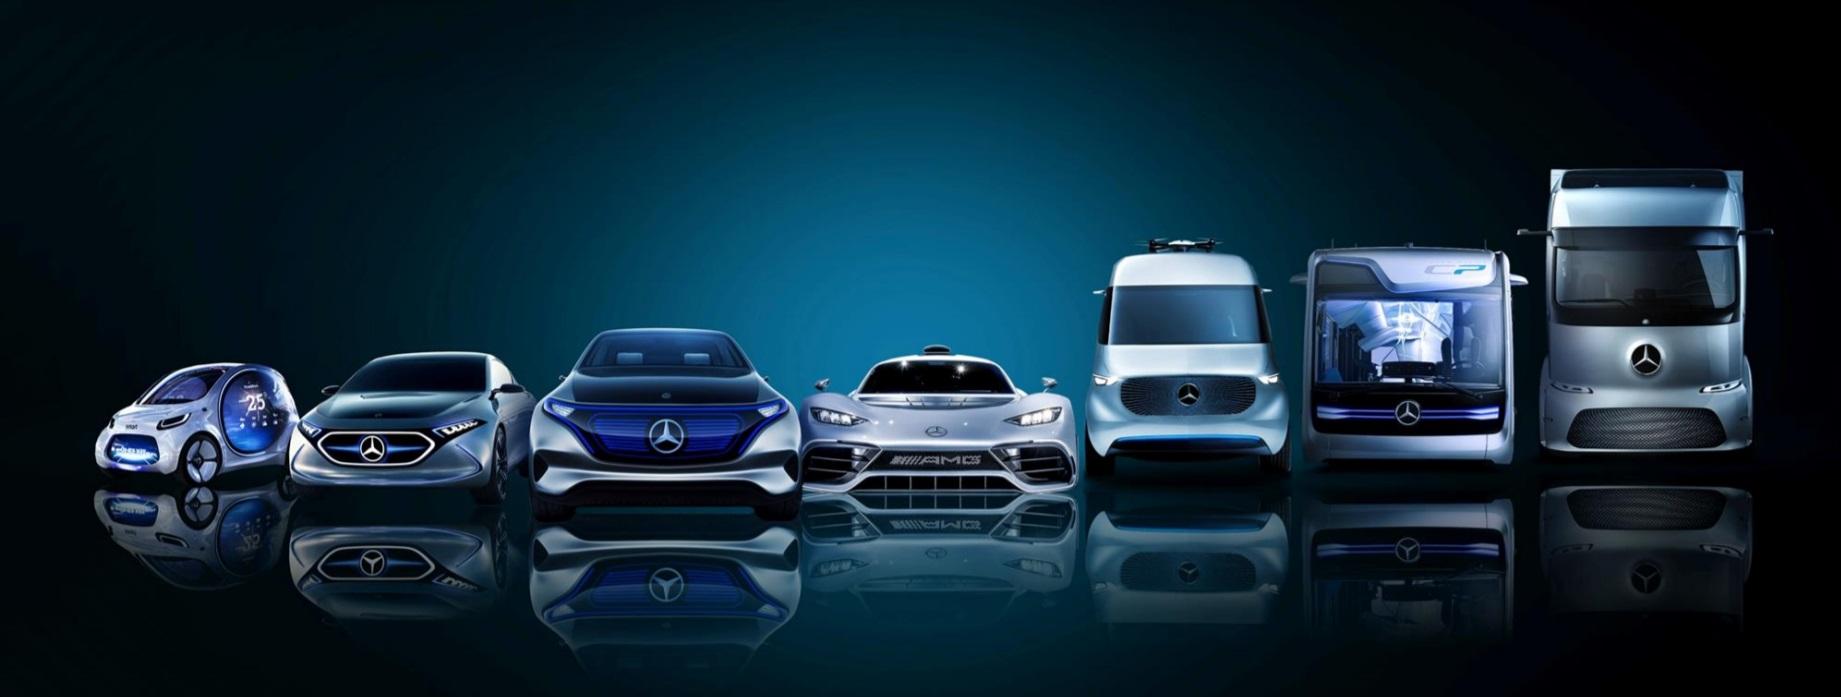 خودرو های بنز در سال 2025